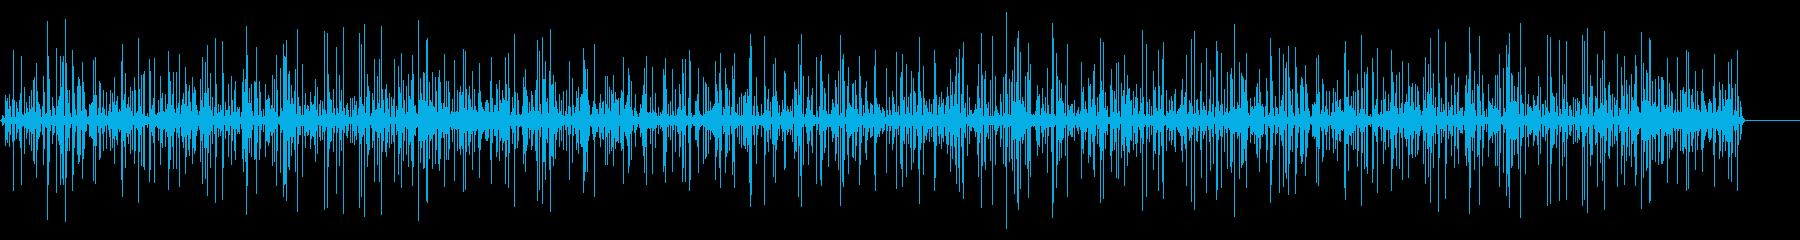 近くの非常に小さなストリームの再生済みの波形